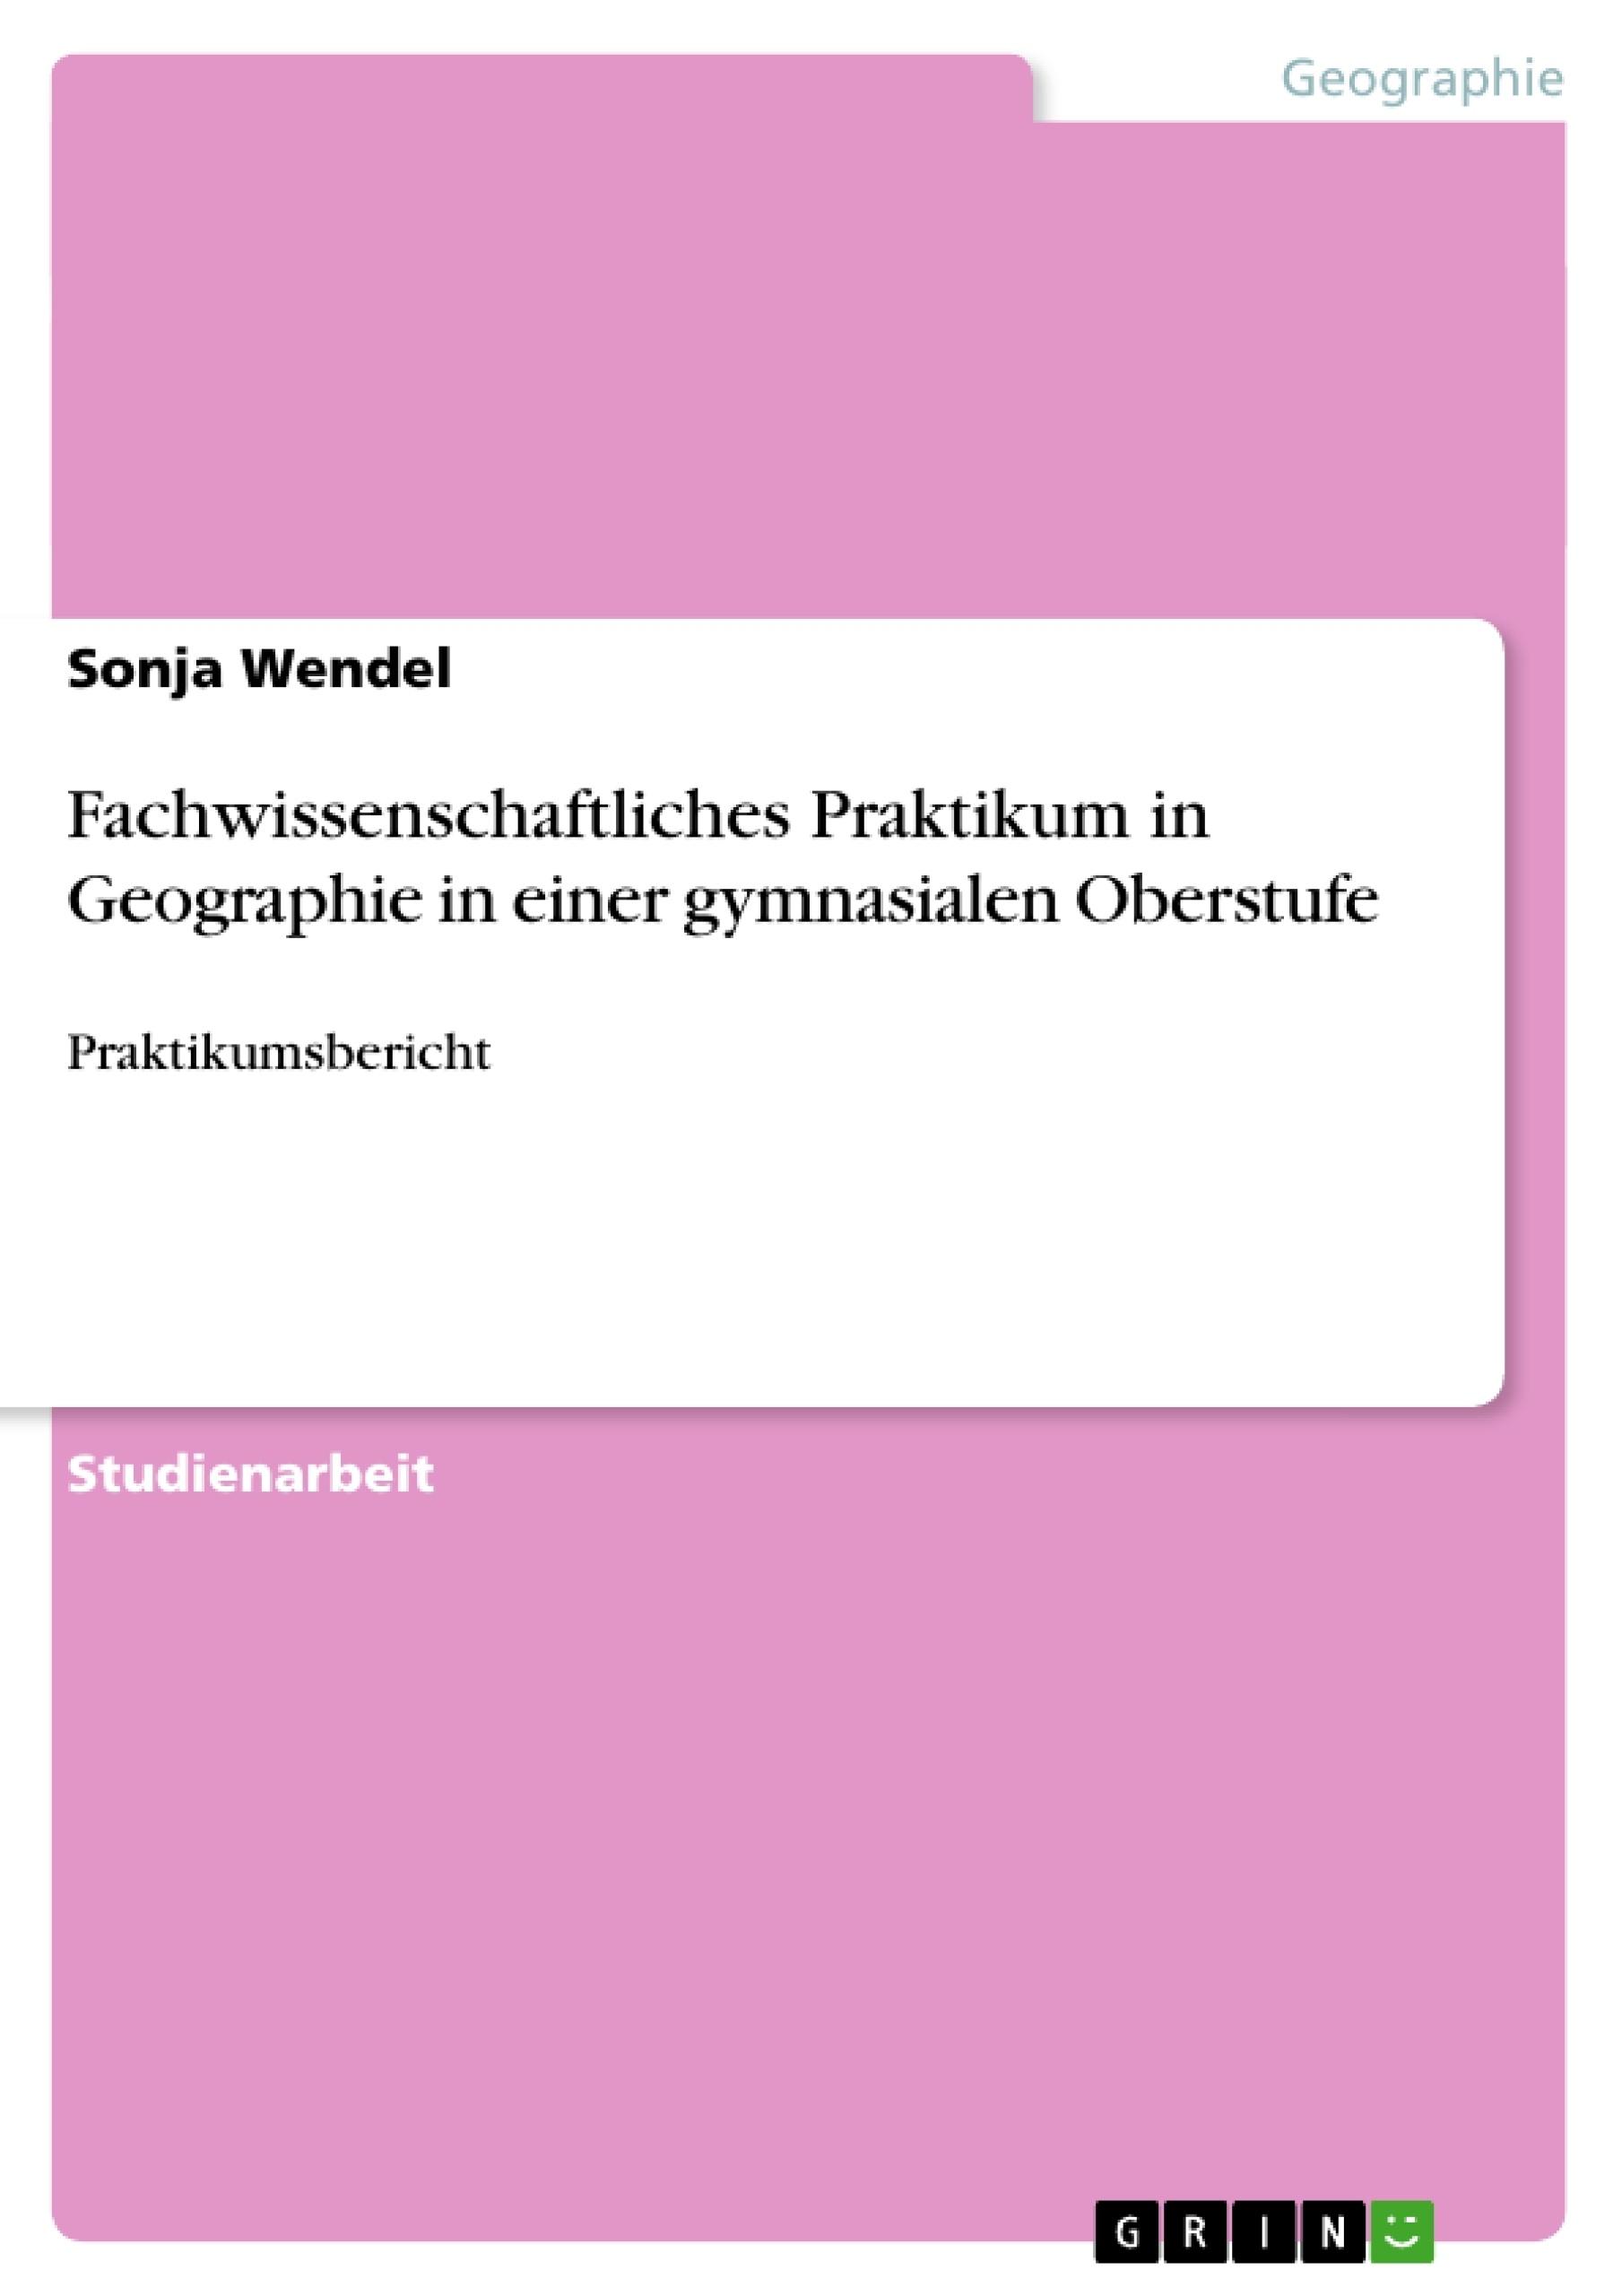 Titel: Fachwissenschaftliches Praktikum in Geographie in einer gymnasialen Oberstufe